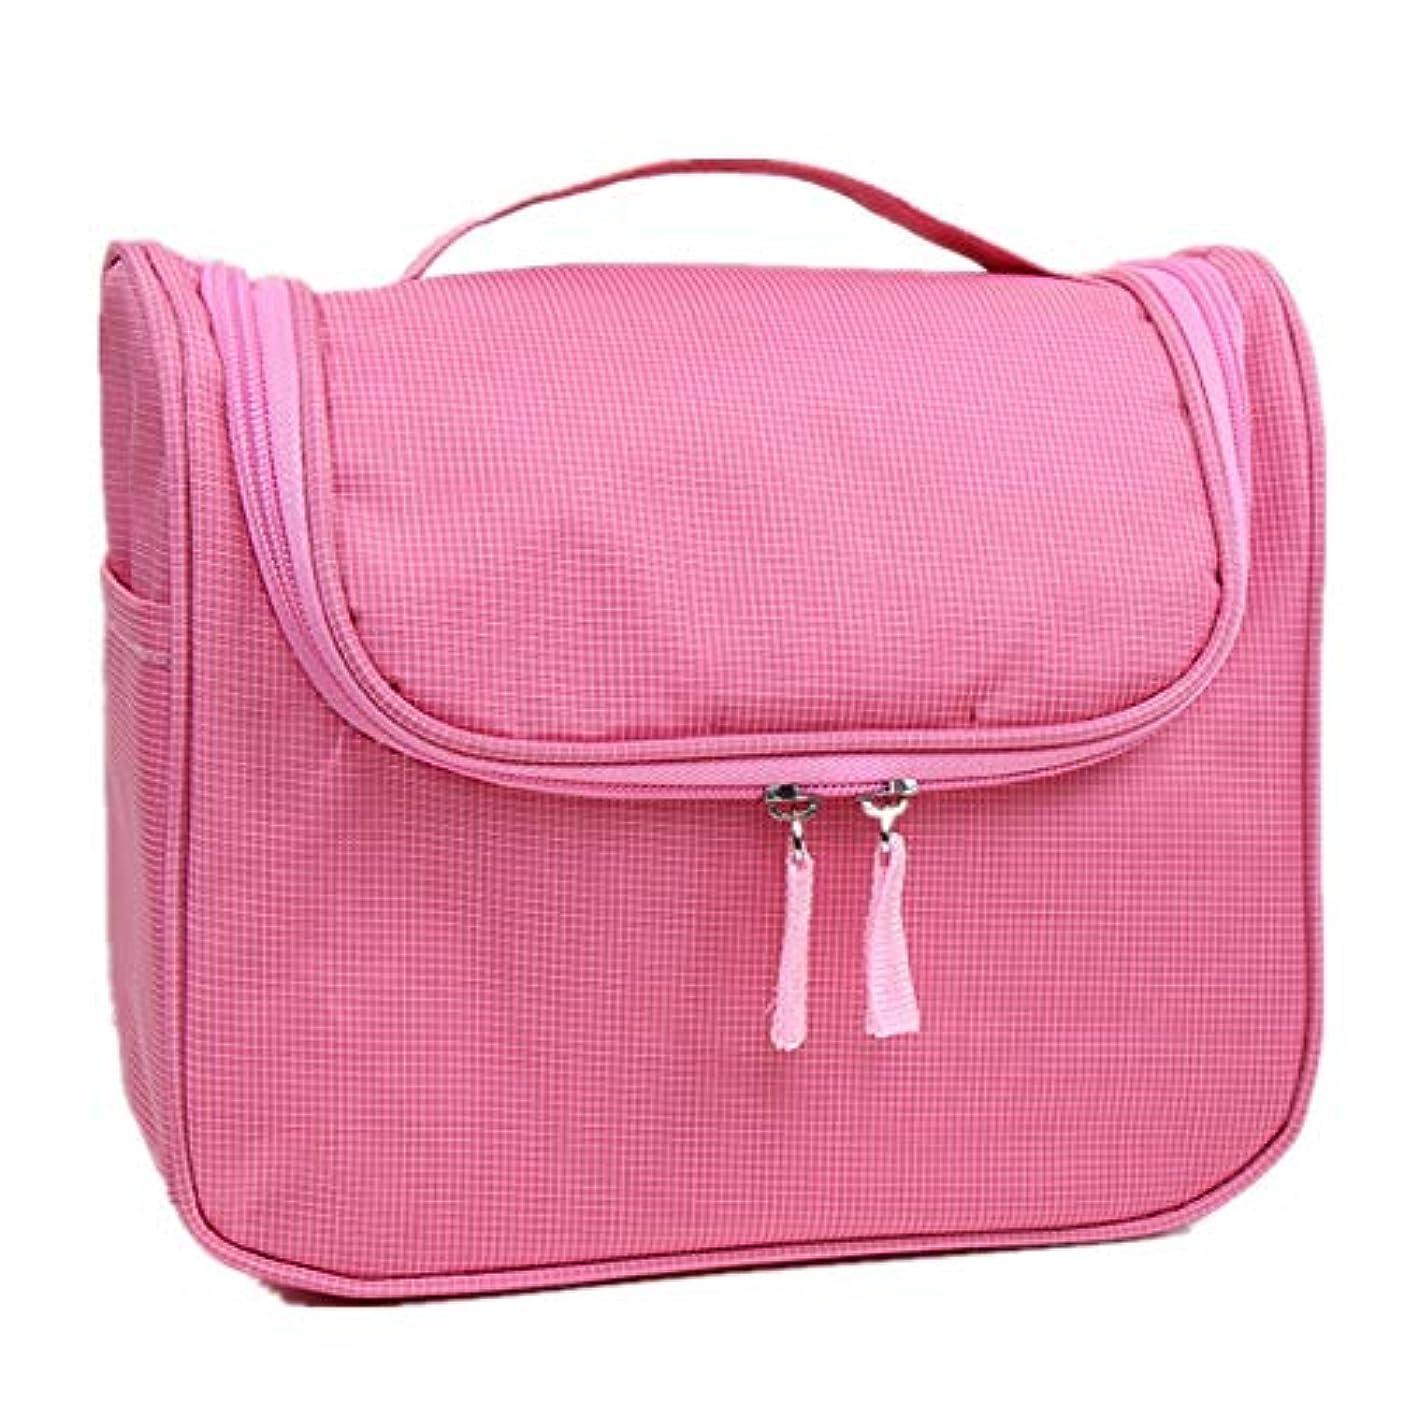 構築する泥沼確保する化粧オーガナイザーバッグ 大容量の旅行化粧品バッグ丈夫で耐久性のある洗濯可能な化粧品保管コンセントレーションバッグウォッシュバッグ 化粧品ケース (色 : ピンク)